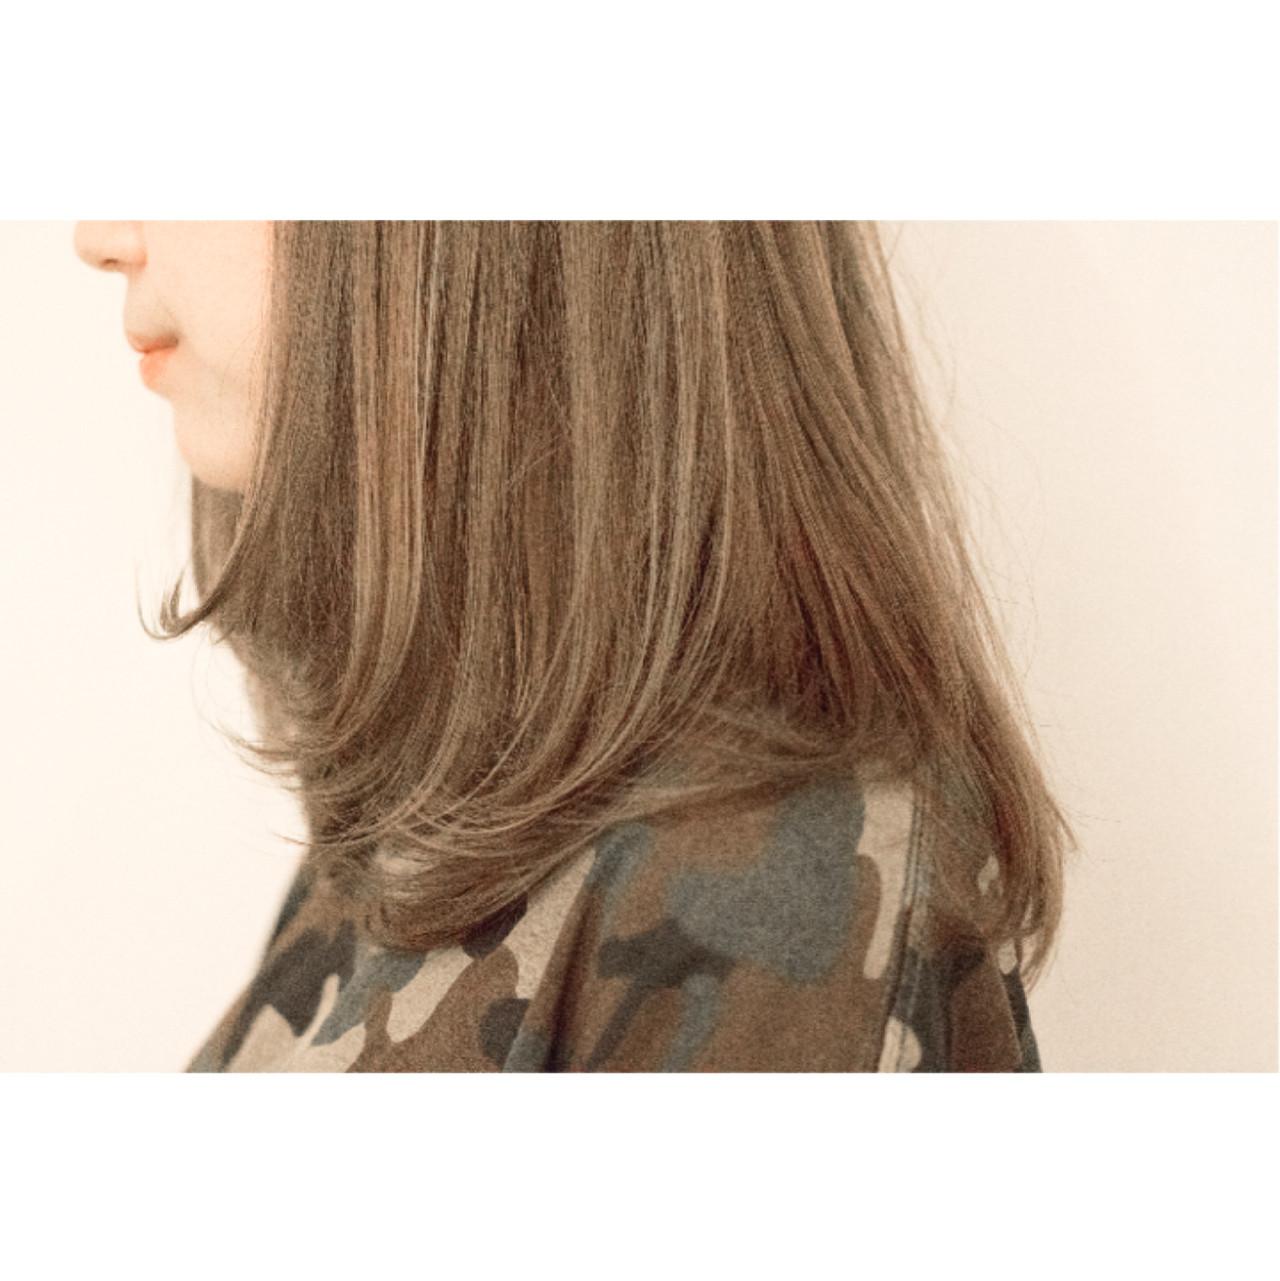 ブリーチ ストリート ハイライト 似合わせ ヘアスタイルや髪型の写真・画像